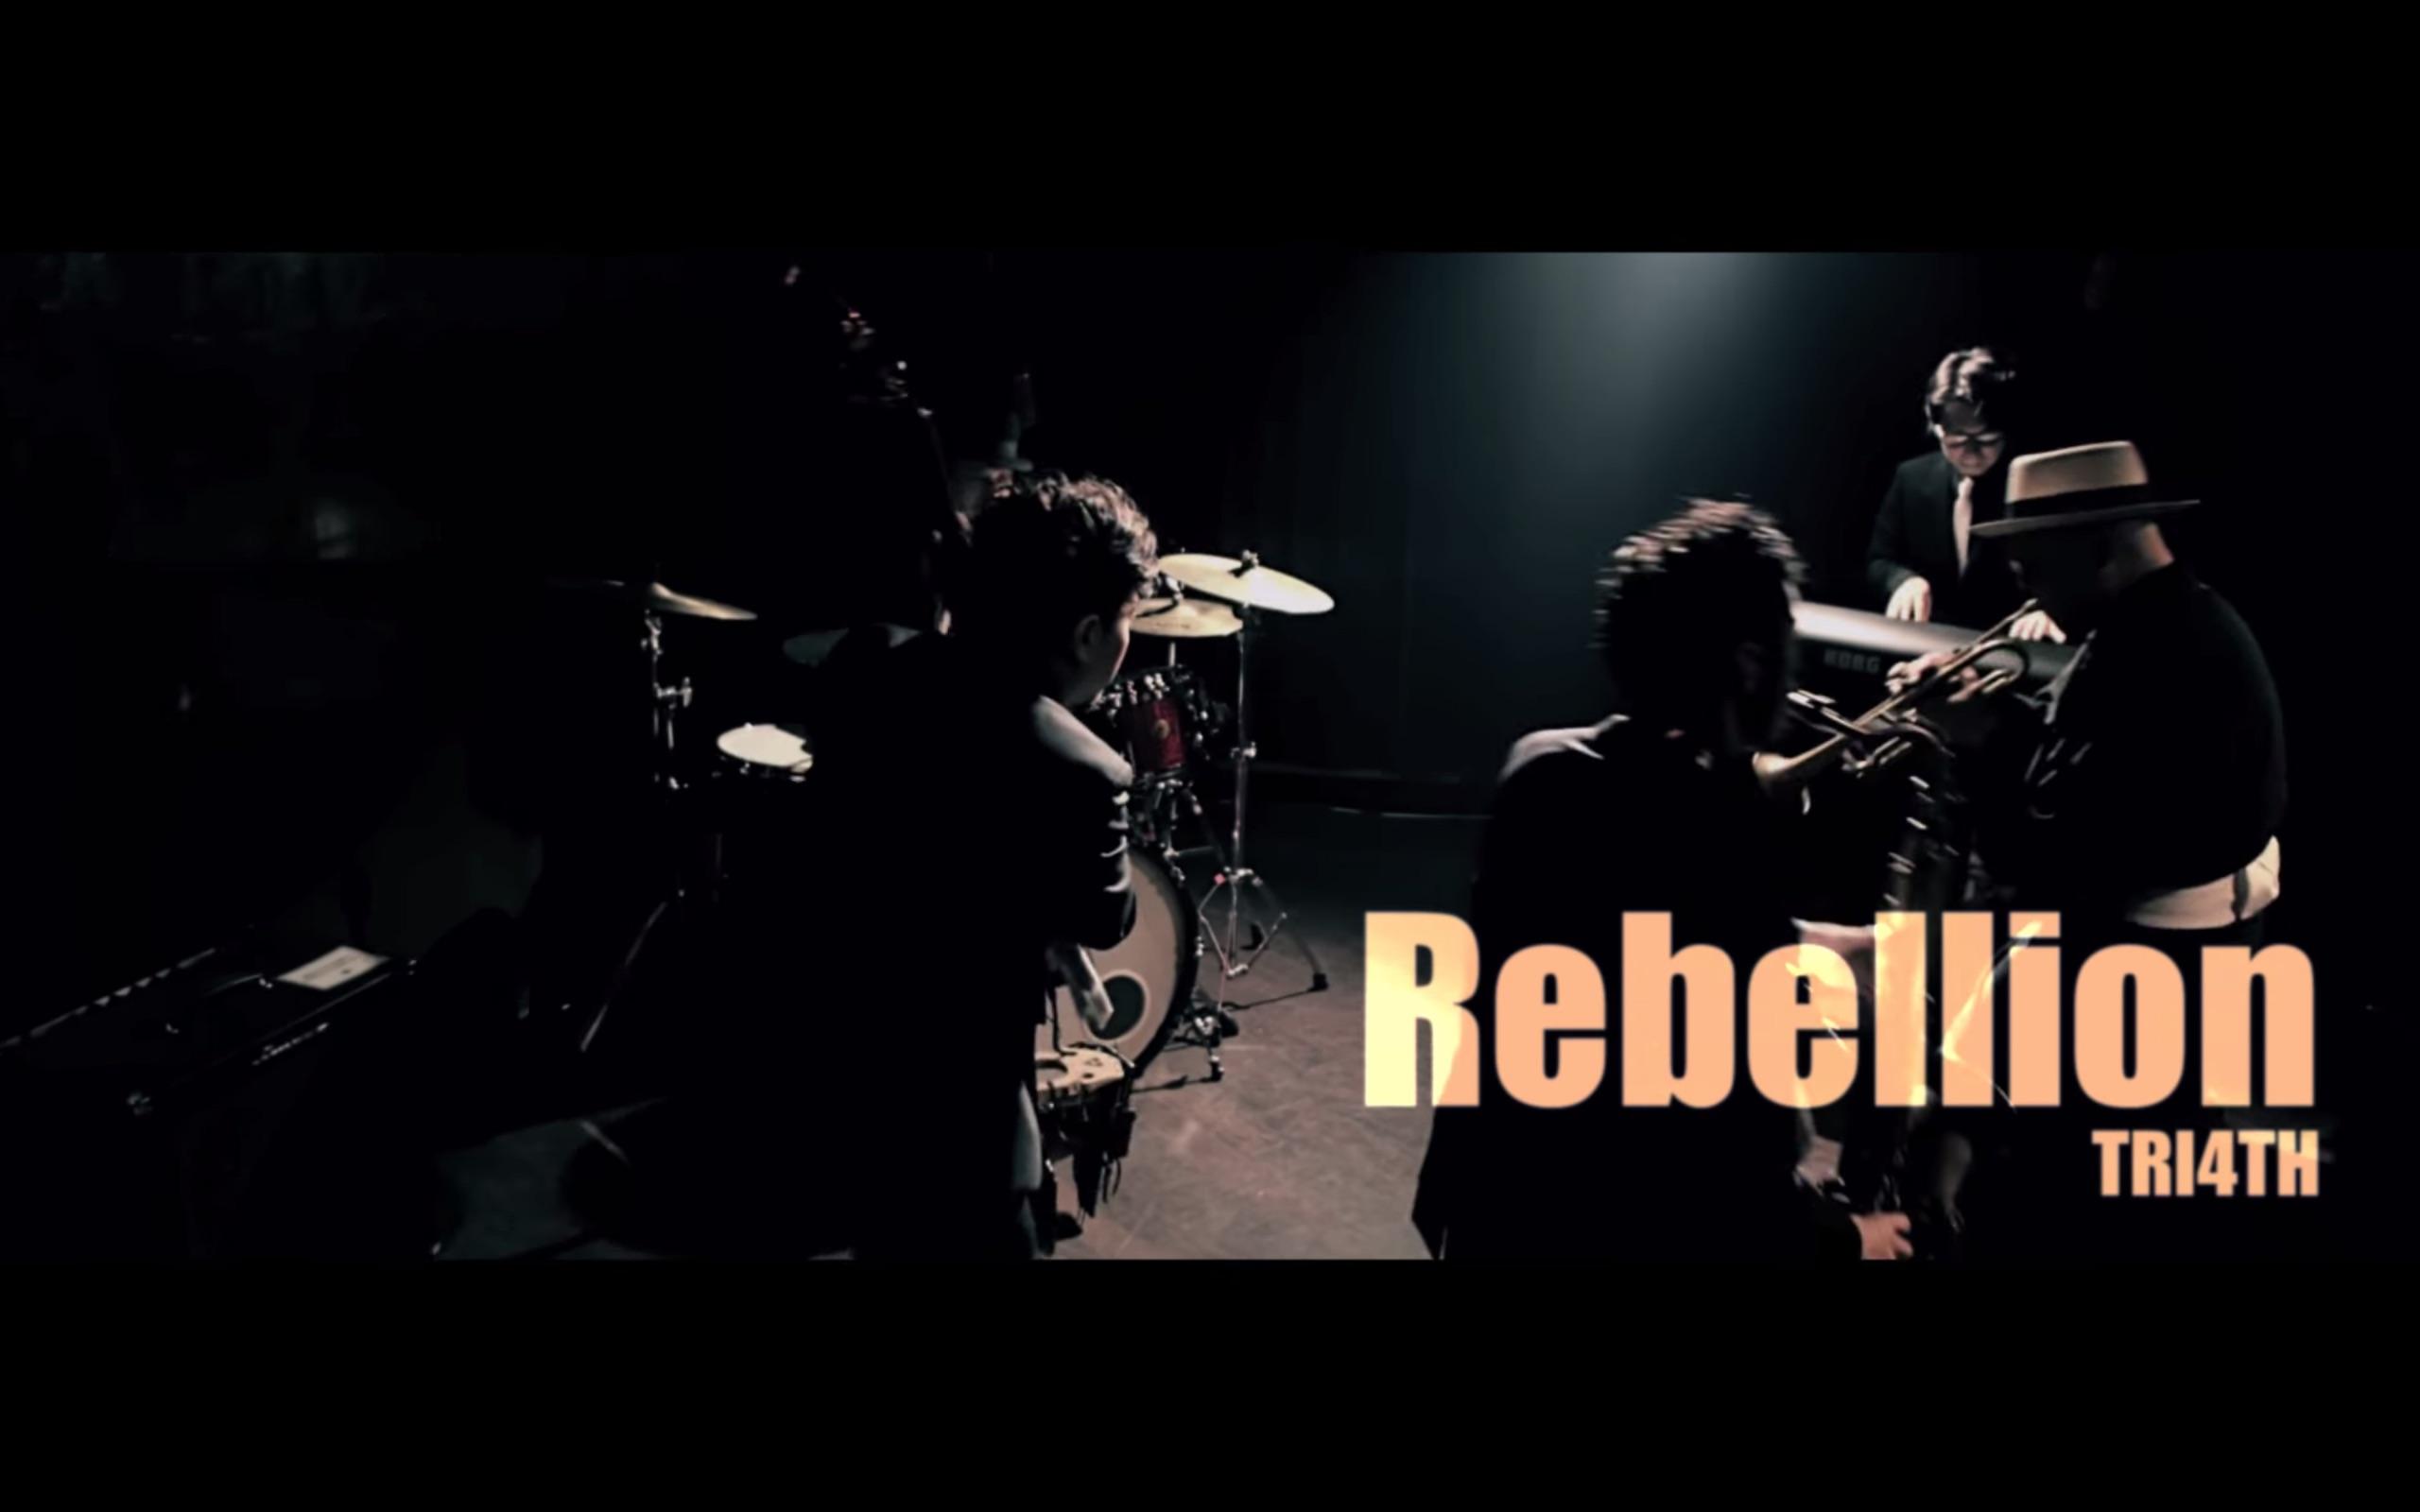 Rebellion / TRI4TH